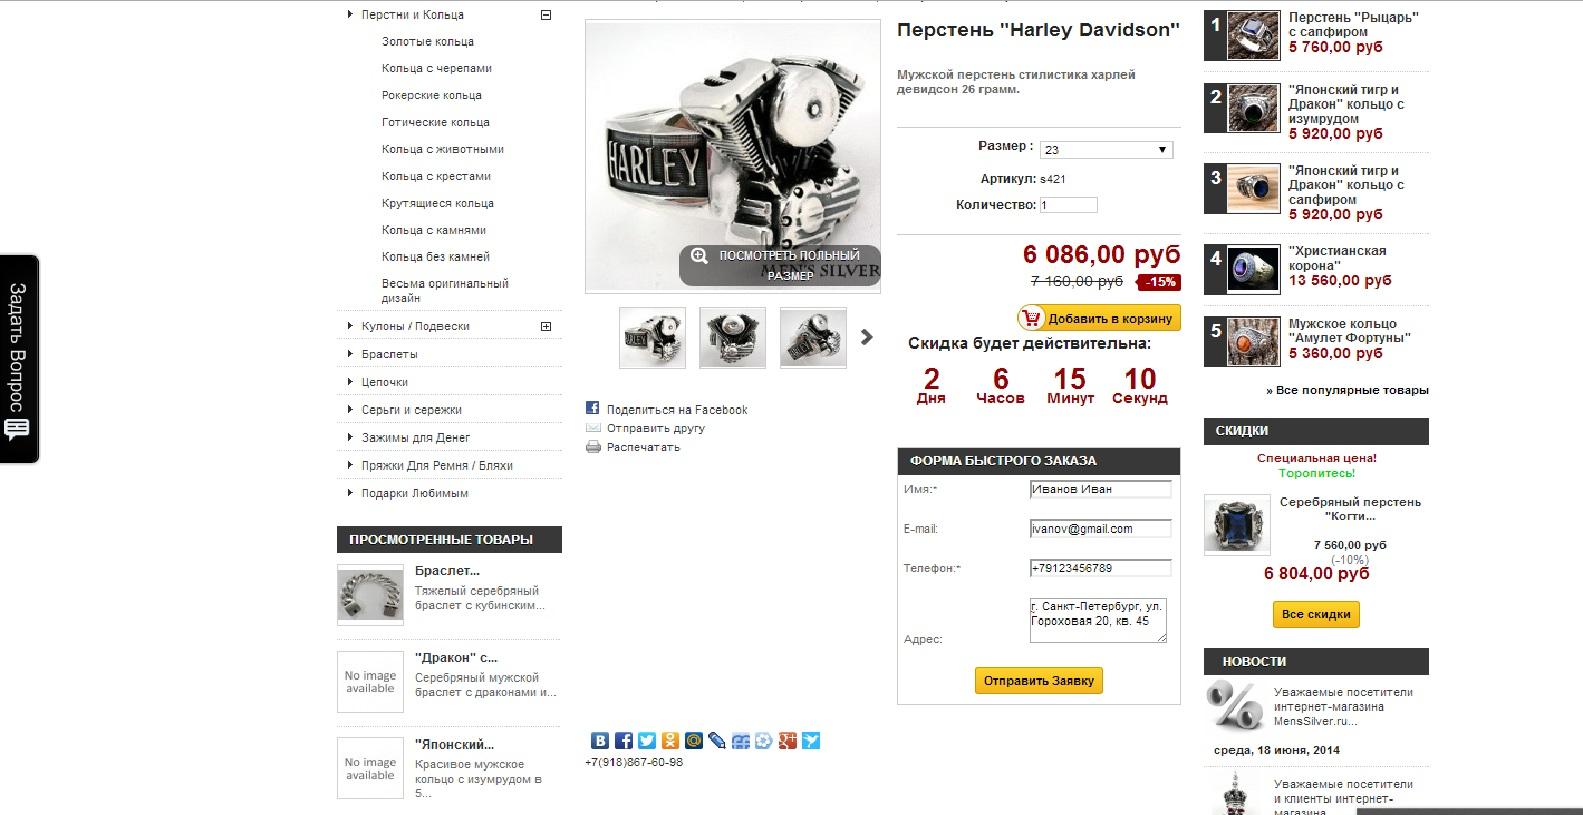 купить перстень мужской из серебра в магазине menssilver.ru